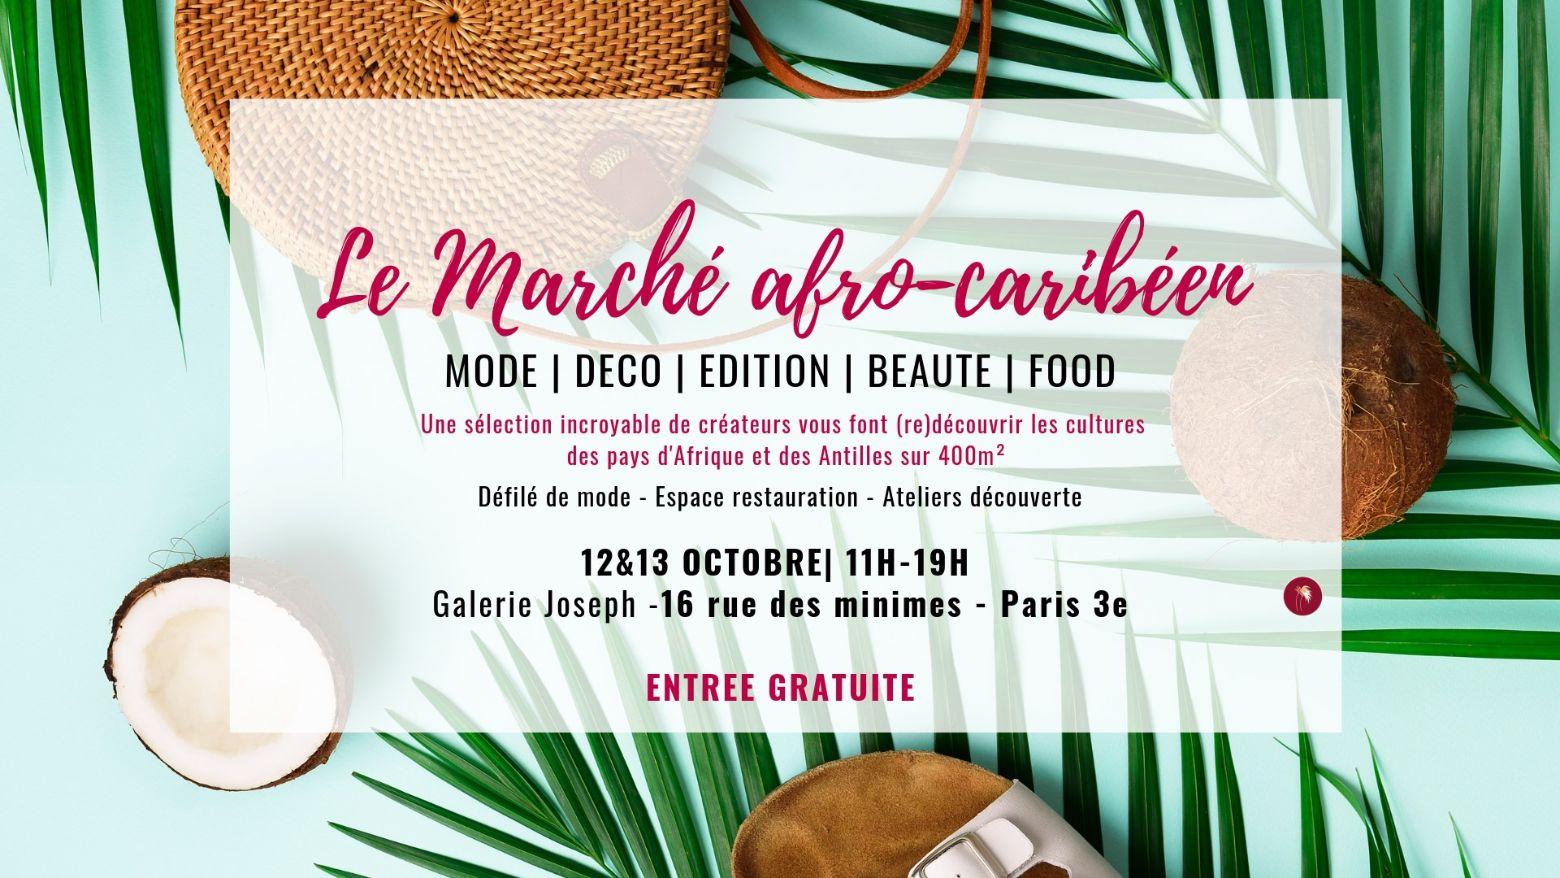 Le Marché Afro-Caribéen vous donne rendez-vous les 12 et 13 octobre!